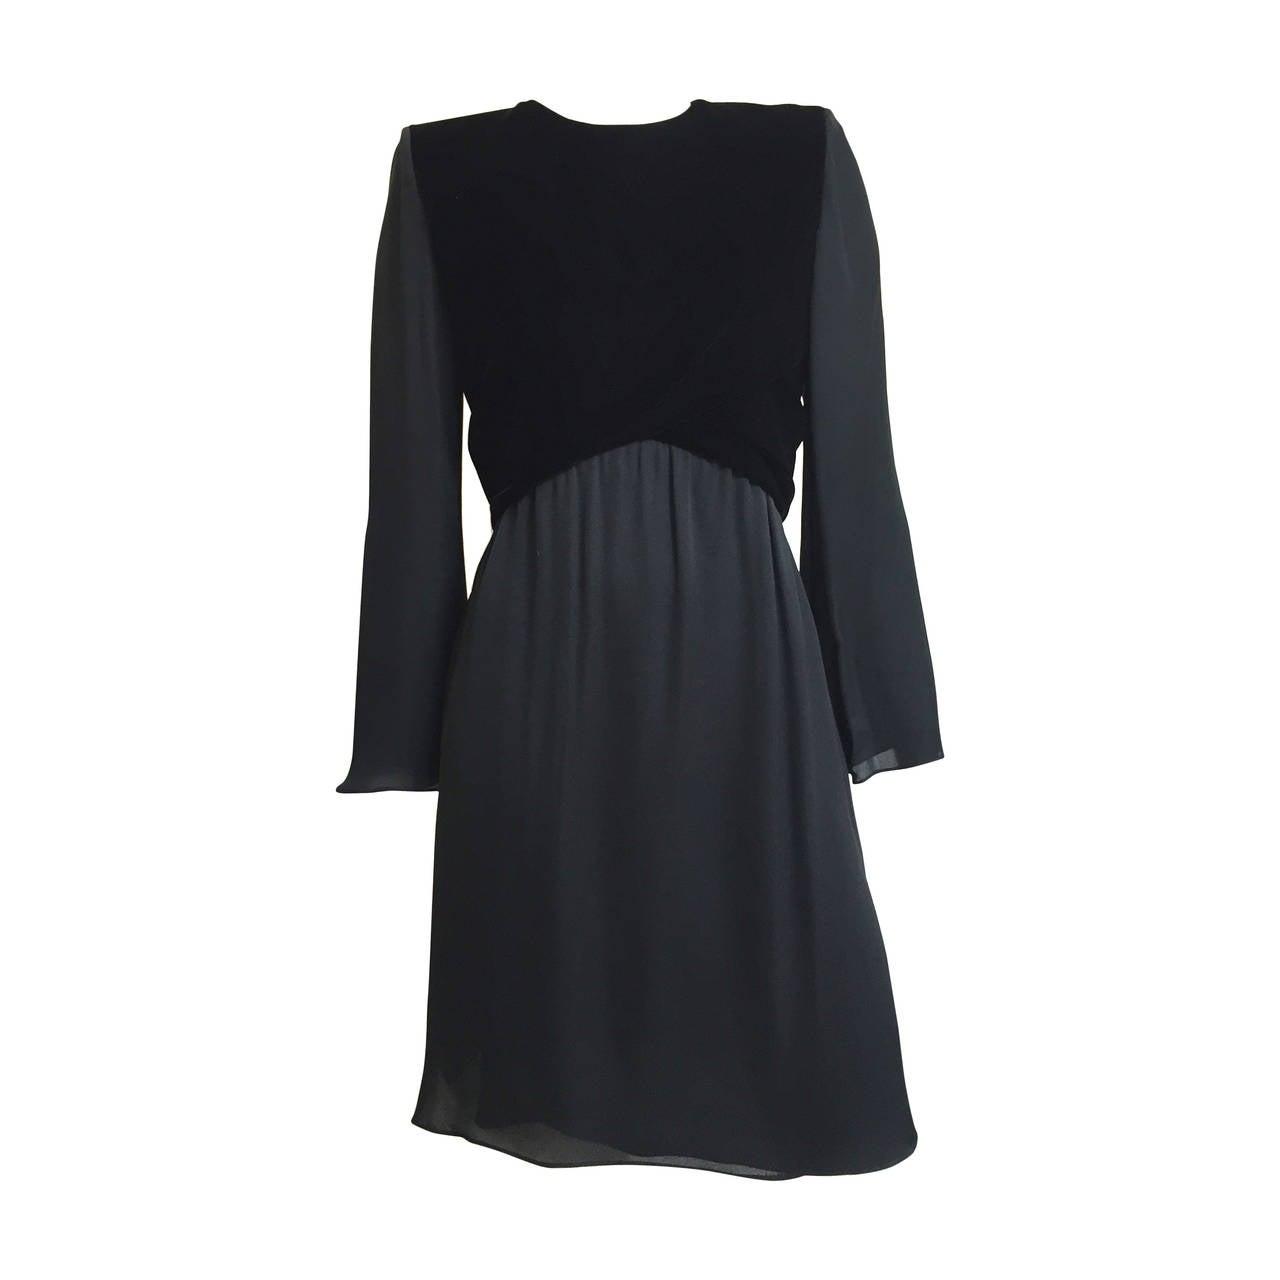 955a1c0d5661 Bill Blass 80s Black Chiffon and Velvet Evening Dress Size 6. For ...